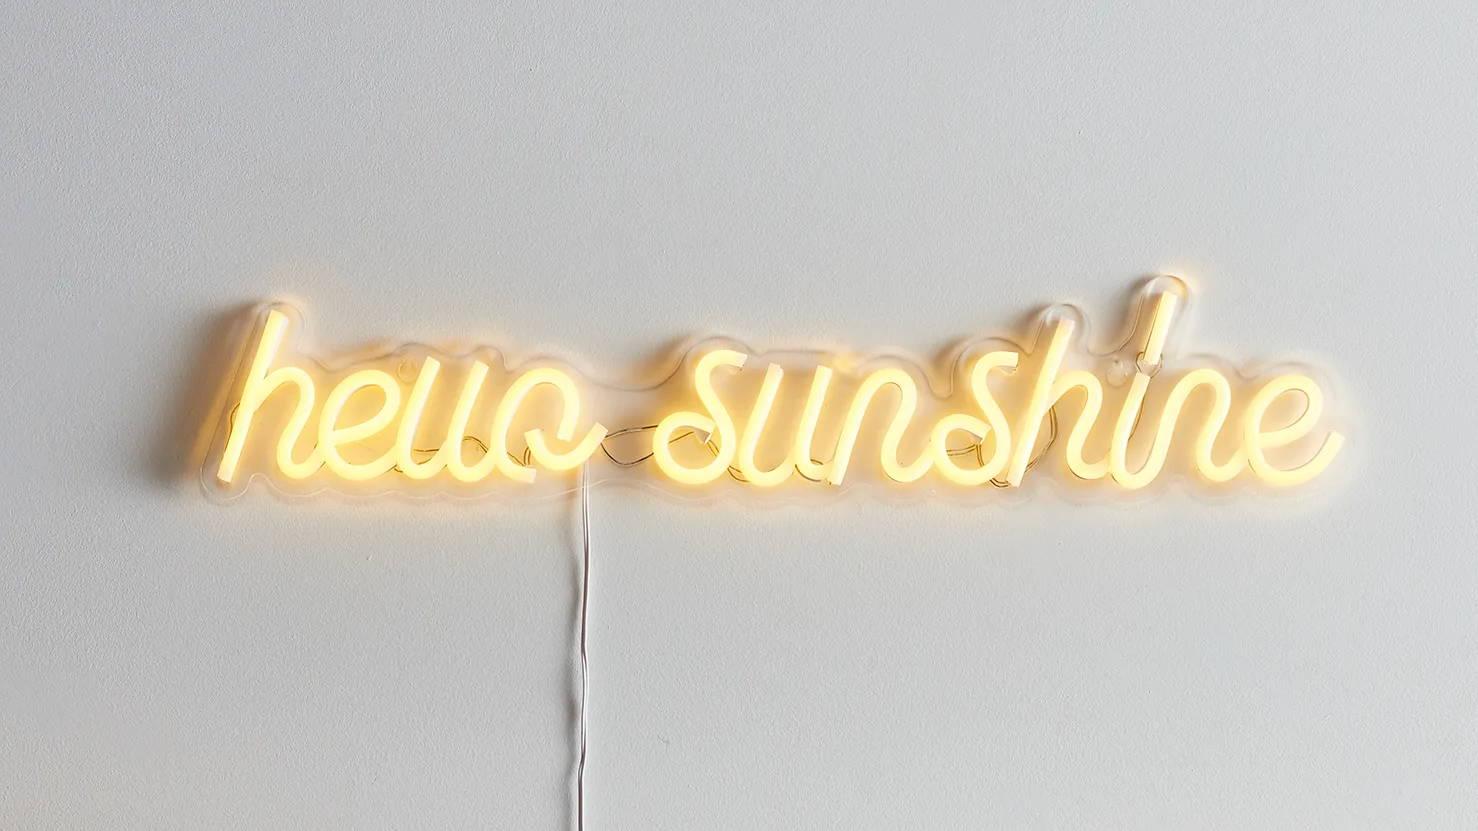 Hello sunshine neon light illuminated on wall